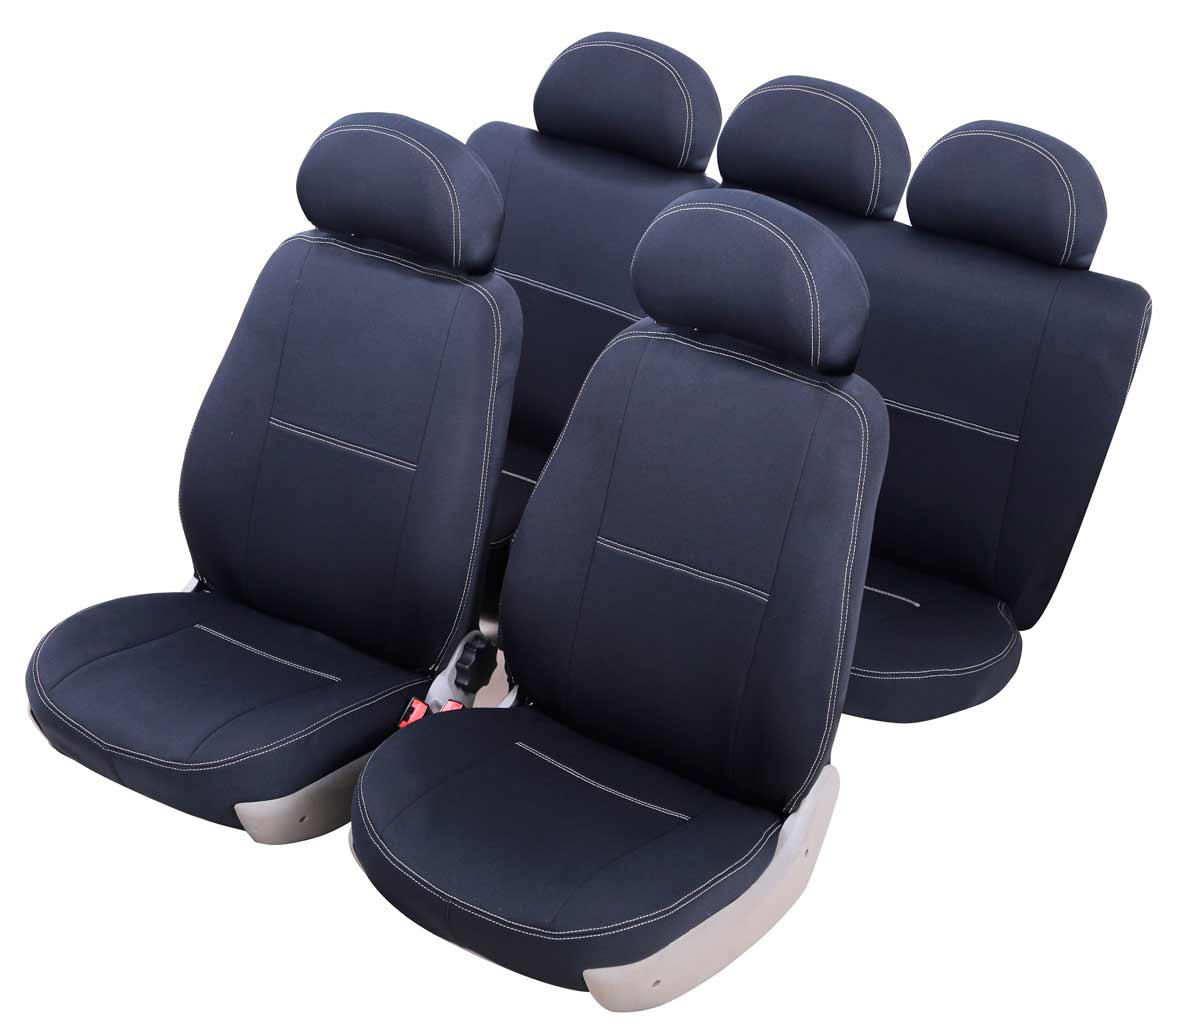 Чехлы на автокресло Azard Standard, для Hyundai Solaris (2010-н.в.), седан, раздельный задний ряд, цвет: черныйA4010101Модельные чехлы из полиэстера Azard Standard. Разработаны в РФ индивидуально для каждого автомобиля. Чехлы Azard Standard серийно выпускаются на собственном швейном производстве в России. Чехлы идеально повторяют штатную форму сидений и выглядят как оригинальная обивка сидений. Для простоты установки используется липучка Velcro, учтены все технологические отверстия. Чехлы сохраняют полную функциональность салона – трансформация сидений, возможность установки детских кресел ISOFIX, не препятствуют работе подушек безопасности AIRBAG и подогрева сидений. Дизайн чехлов Azard Standard приближен к оригинальной обивке салона. Декоративная контрастная прострочка по периметру авточехлов придает стильный и изысканный внешний вид интерьеру автомобиля. Чехлы Azard Standard изготовлены из полиэстера, триплированного огнеупорным поролоном толщиной 3 мм, за счет чего чехол приобретает дополнительную мягкость. Подложка из спандбонда сохраняет свойства поролона и...